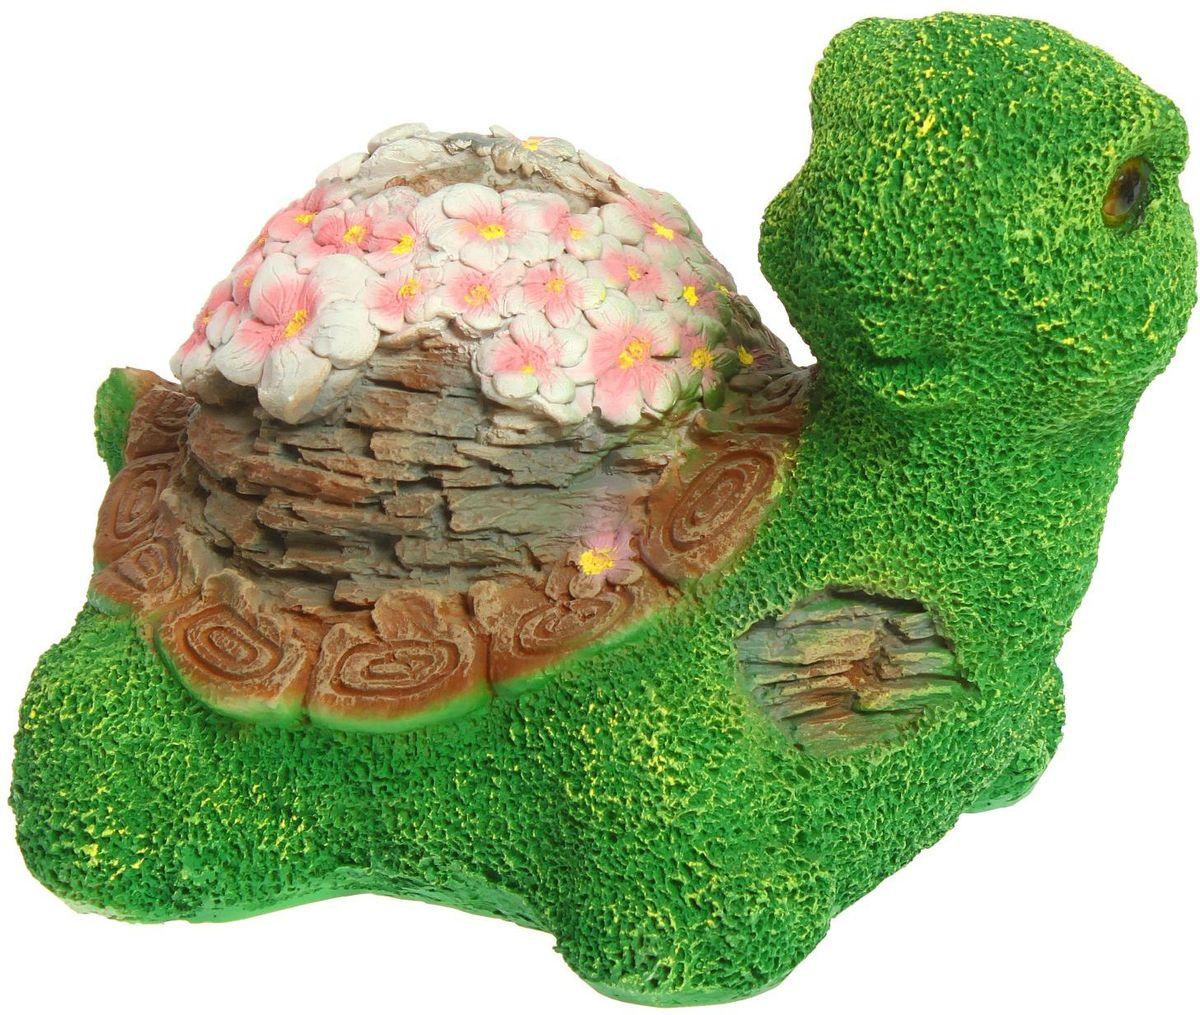 Фигура садовая Черепаха с цветочками, 26 х 35 х 28 см1260072Создайте настроение в любимом саду: украсьте его оригинальным декором. Представители фауны разнообразят ландшафт. Гармоничнее всего фигуры будут смотреться в местах природного обитания: например, белочки — вблизи деревьев, а лягушки — у водоемов. Сделайте свой сад неповторимым. Разрабатывайте собственный дизайн и расставляйте акценты. Хотите привлечь внимание к клумбе? Поставьте садовую фигуру рядом с ней. А расположенная прямо у калитки, она будет приятно удивлять гостей. Такой декор легко замаскирует неприглядные детали на участке. Садовая фигура из полистоуна (искусственного камня) — оптимальное решение для уличных условий. Этот материал не выцветает на солнце, даже если находится под воздействием ультрафиолета круглый год. Искусственный камень имеет низкую пористость, поэтому ему не страшна влага и на нем не появятся трещины. Садовая фигура будет хранить красоту сада долгие годы.